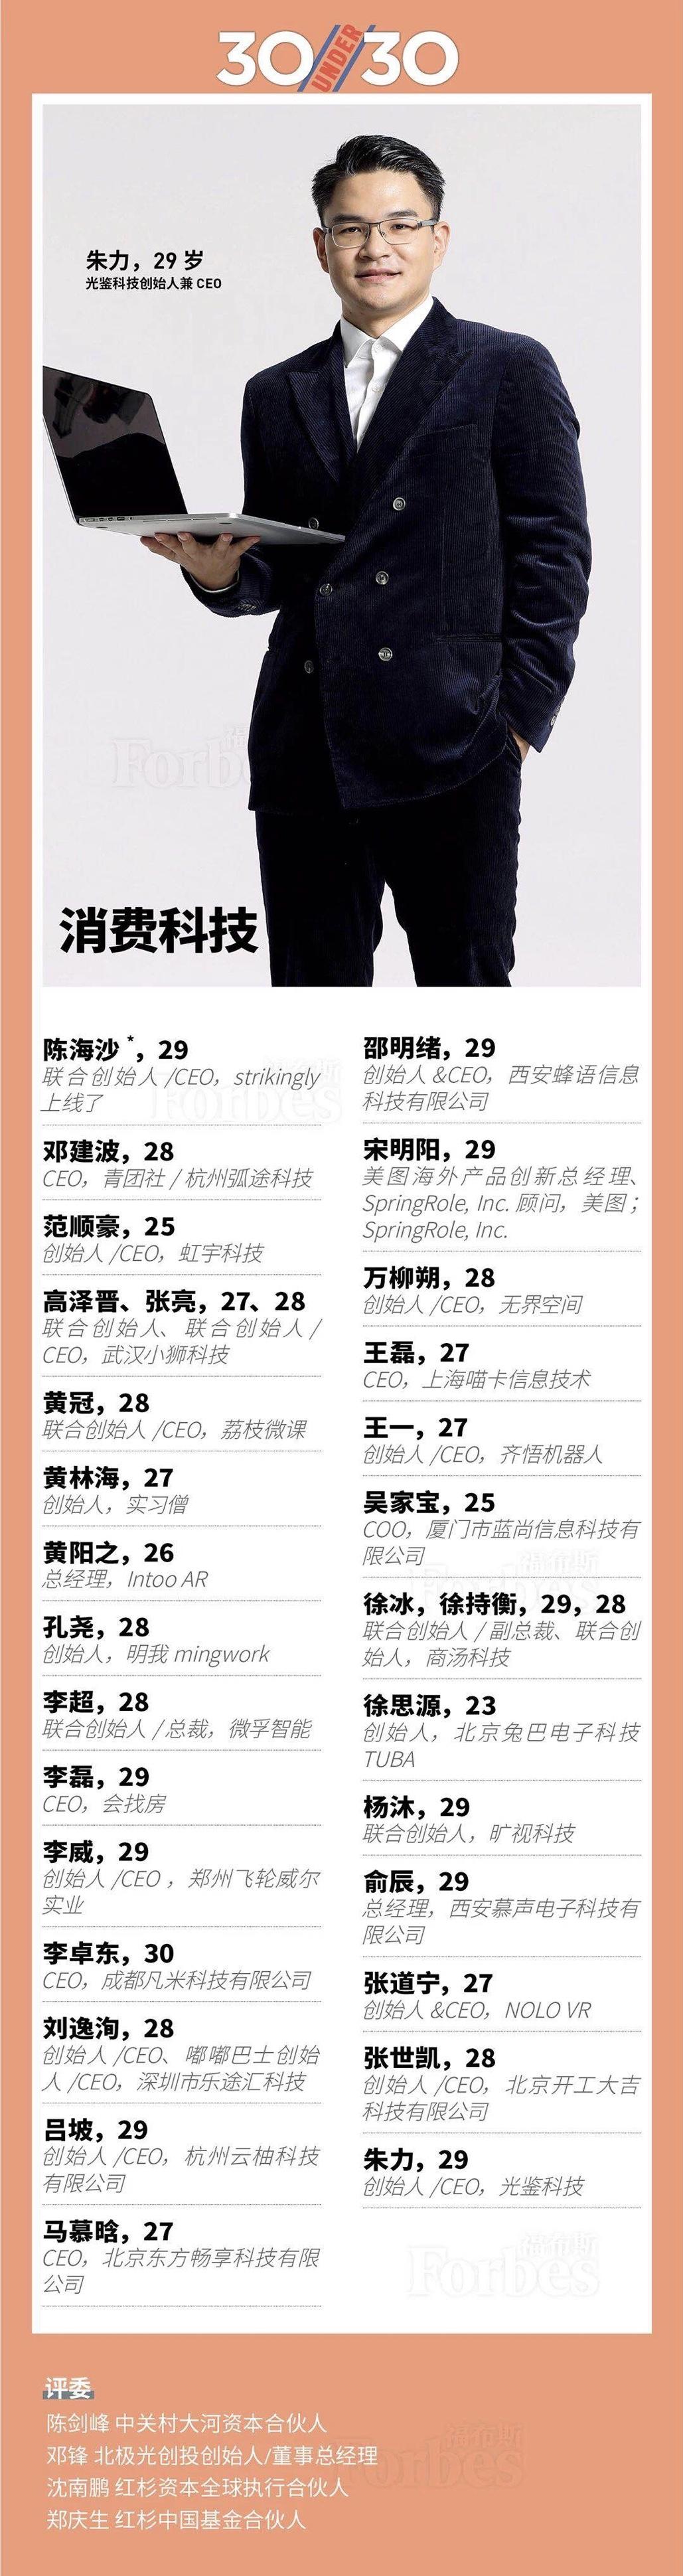 2018福布斯中国30岁以下精英榜揭晓 大鱼智行车李威成智能个人出行唯一入选者-唯轮网